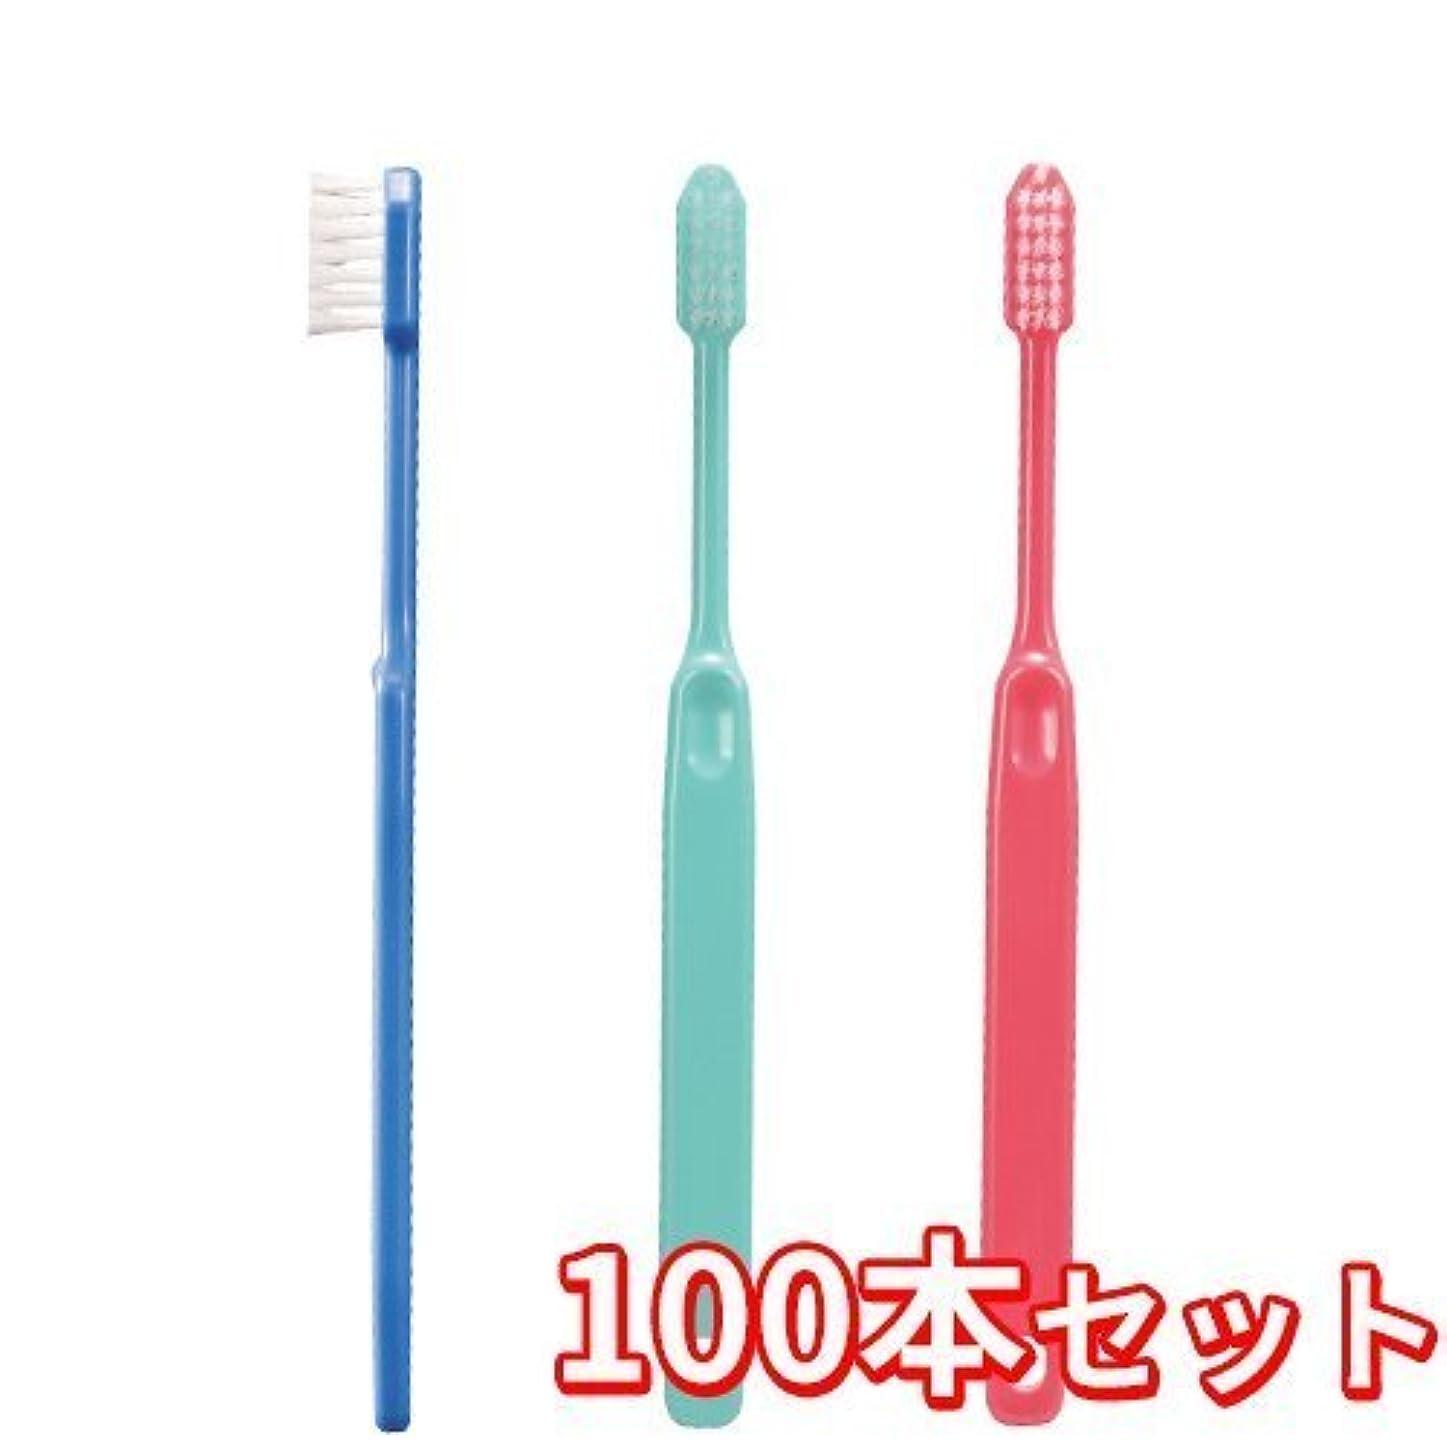 急ぐクリップローマ人Ciメディカル 歯ブラシ コンパクトヘッド 疎毛タイプ アソート 100本 (Ci22(ふつう))